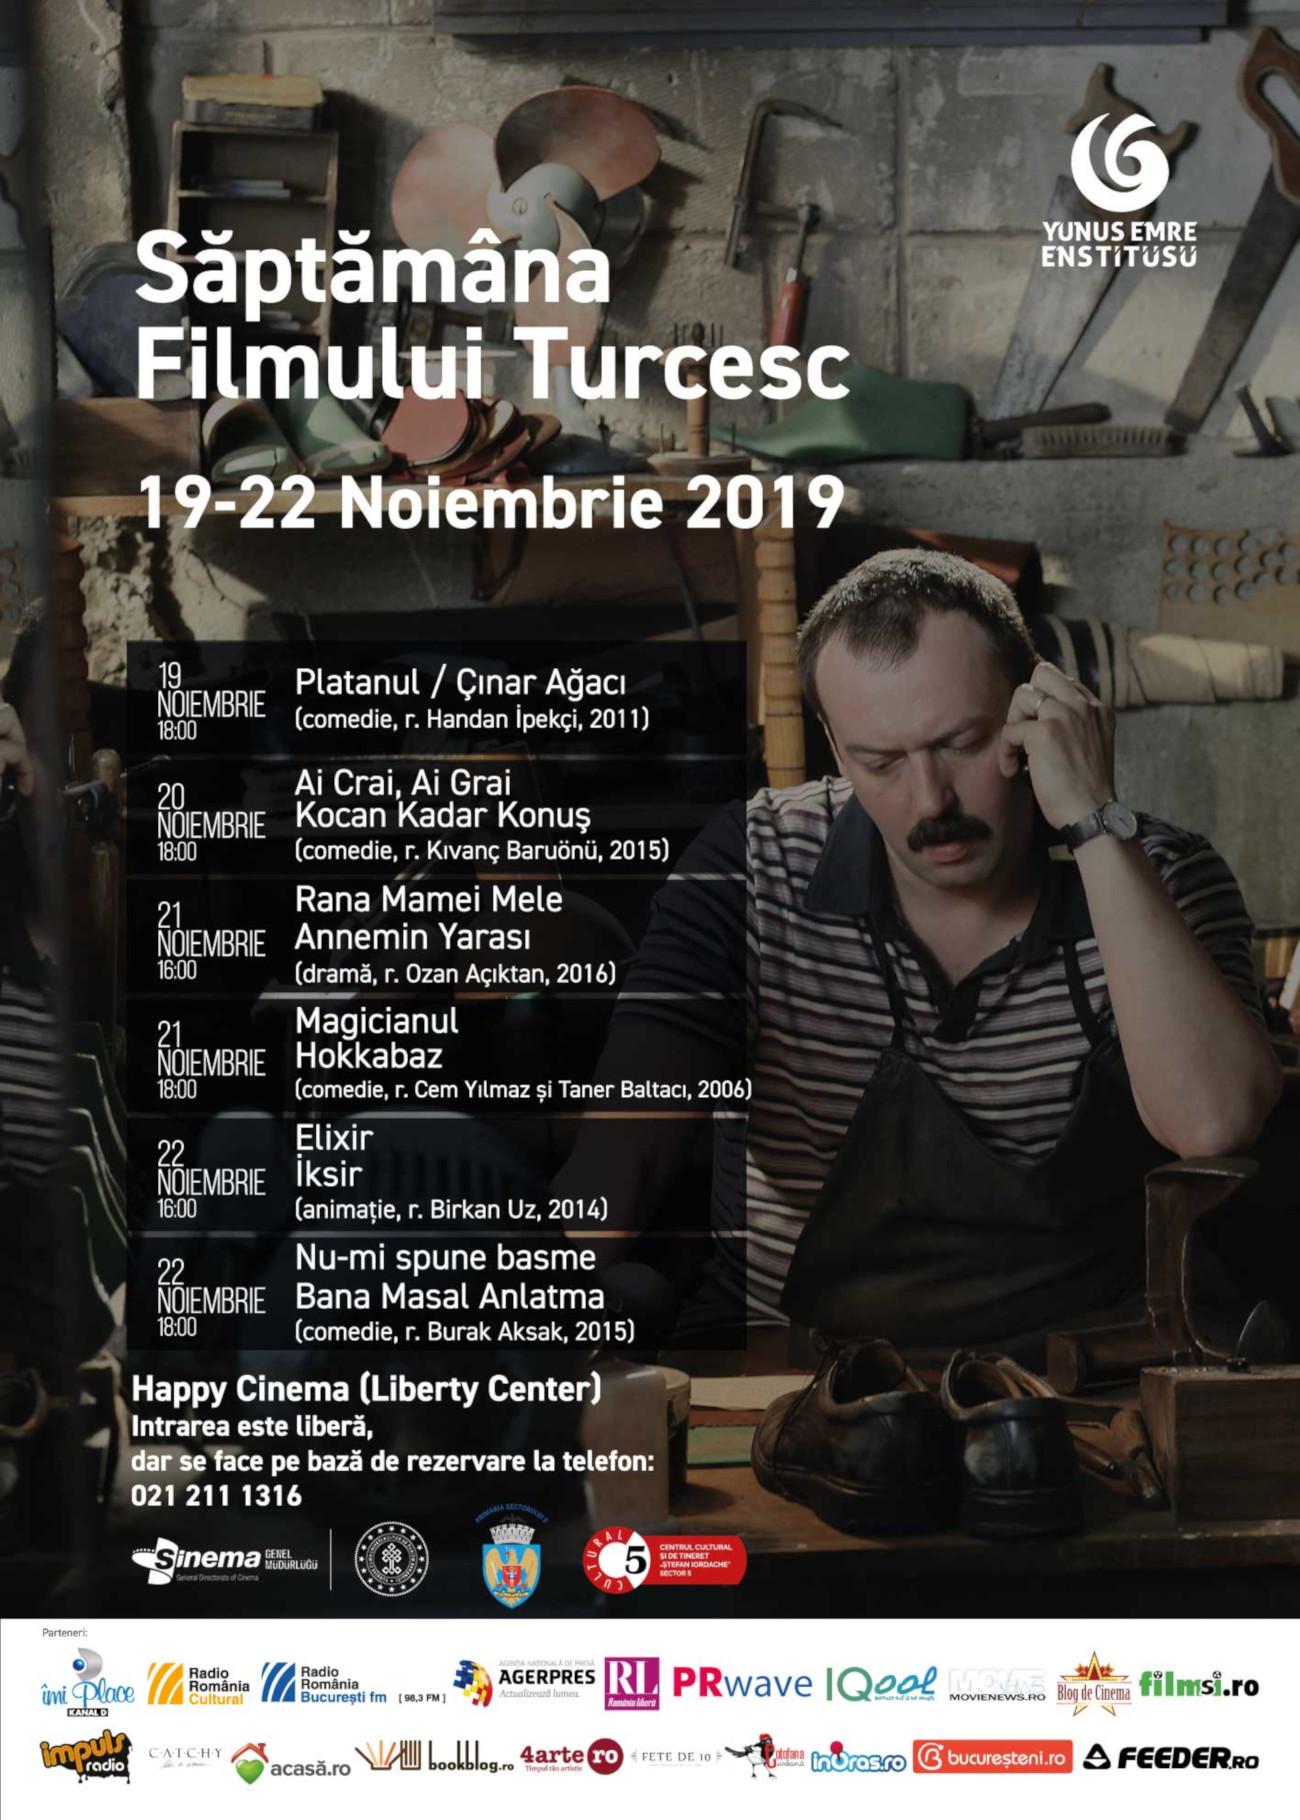 Saptamana Filmului Turcesc program